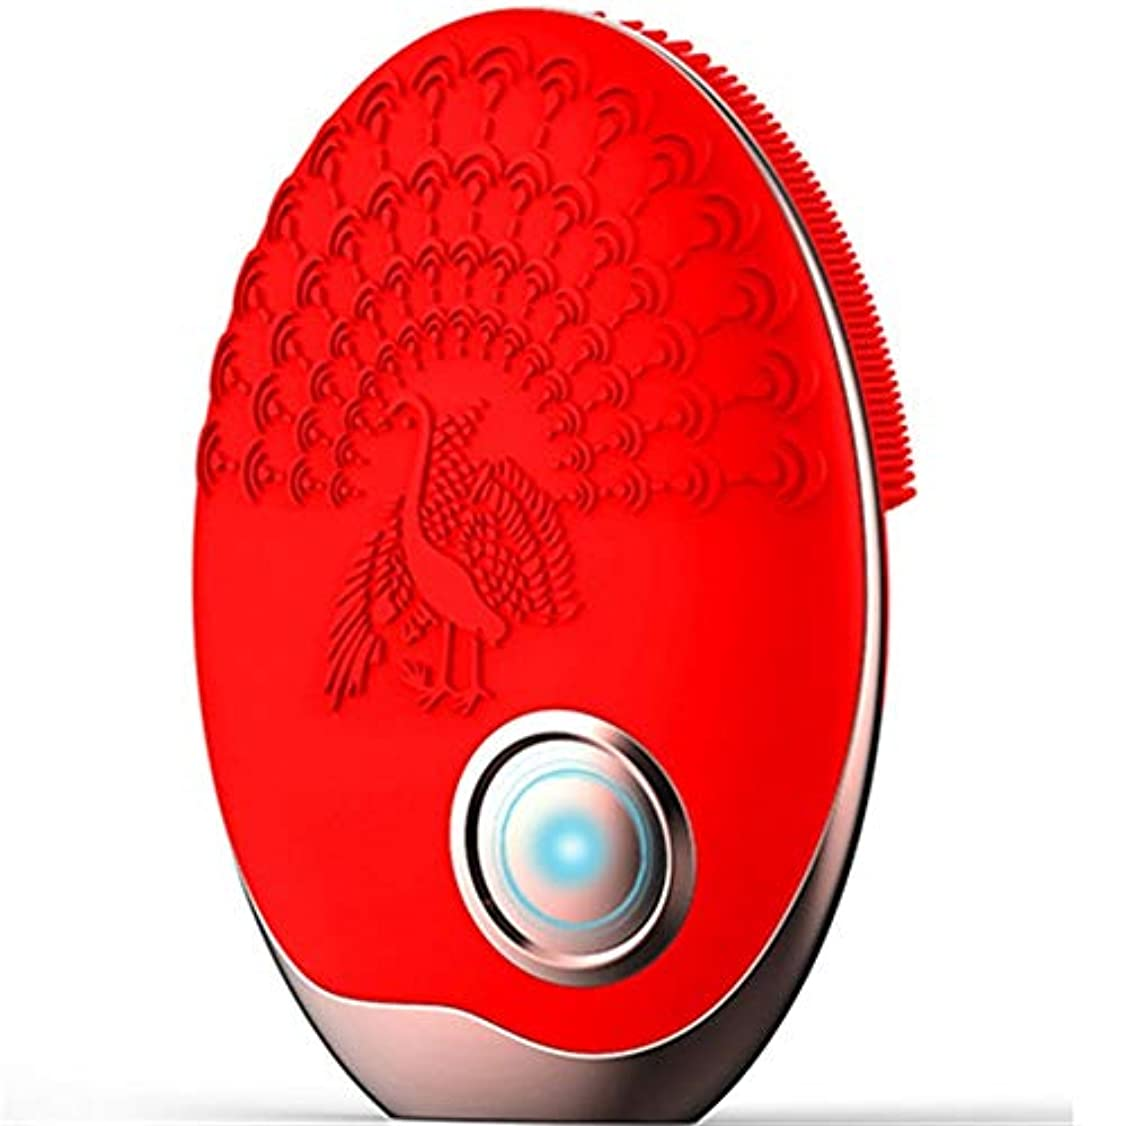 ピーク絶滅した流行しているZHILI 洗顔ブラシ、ワイヤレス充電クレンジング美容器具、電気掃除用ブラシ、超音波振動洗浄用ブラシ、シリコーン洗濯機 (Color : Red)